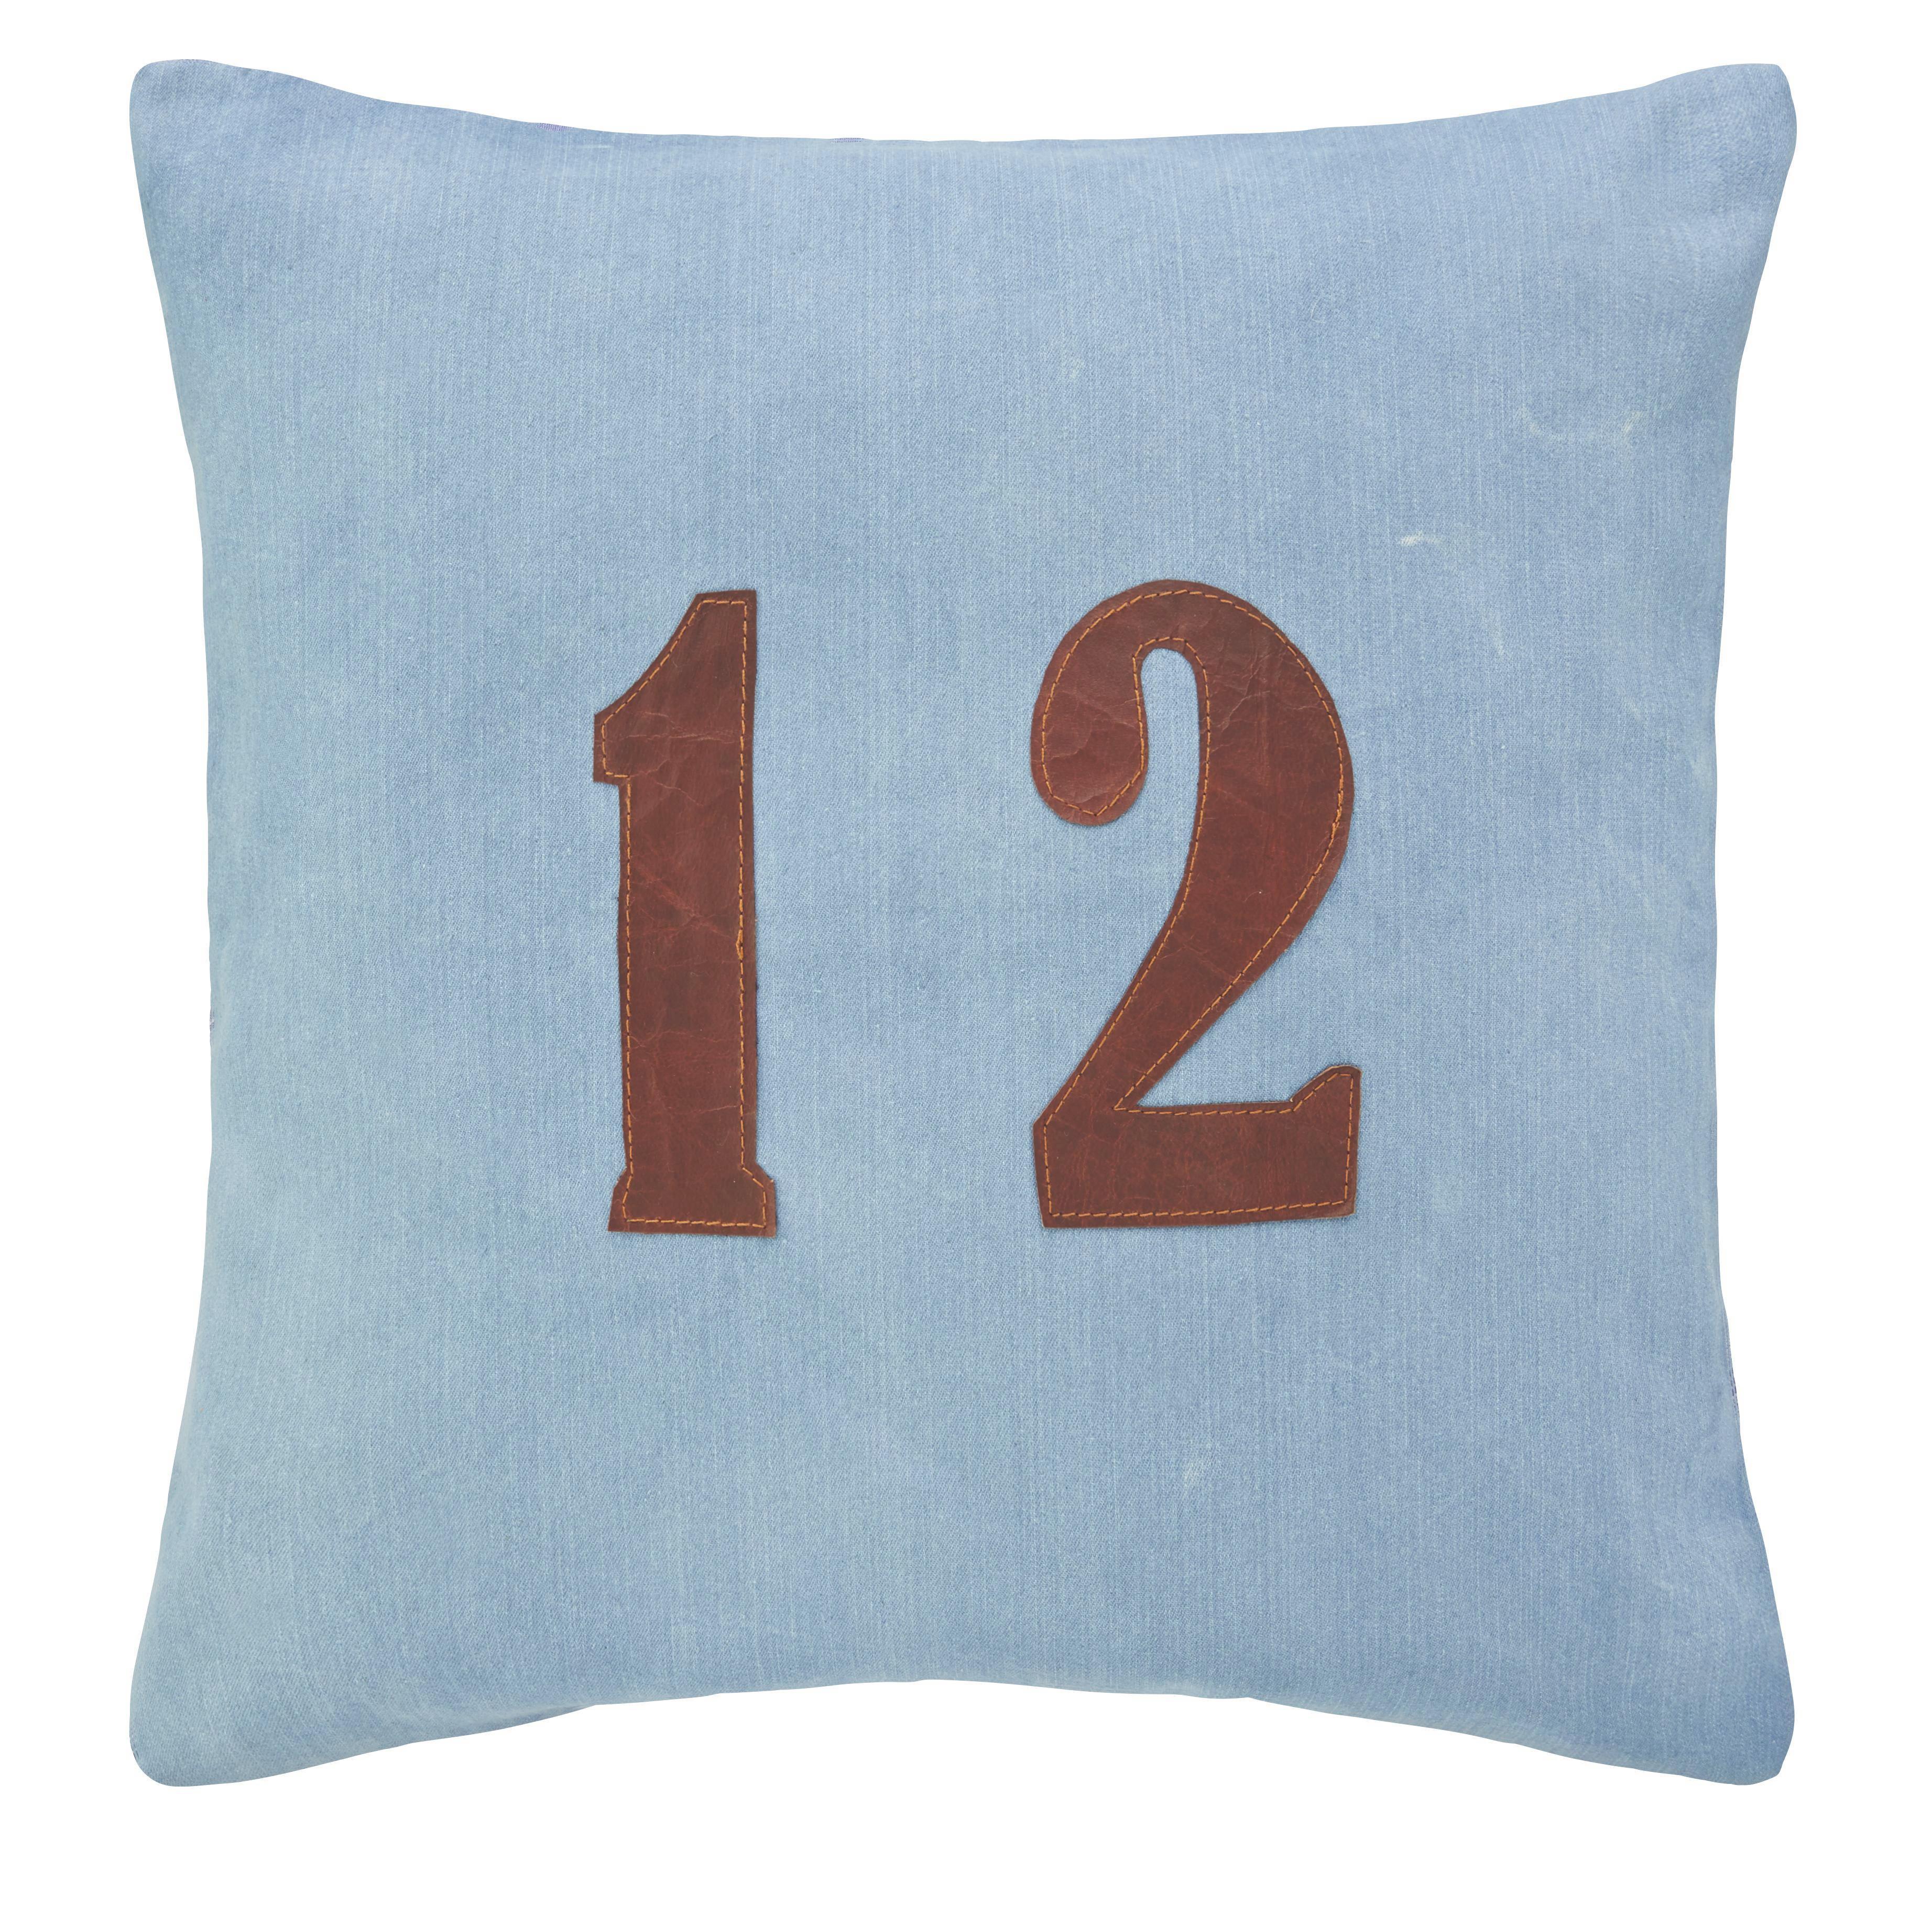 Zierkissen Twelve 50x50cm - Blau, MODERN, Textil (50/50cm) - premium living